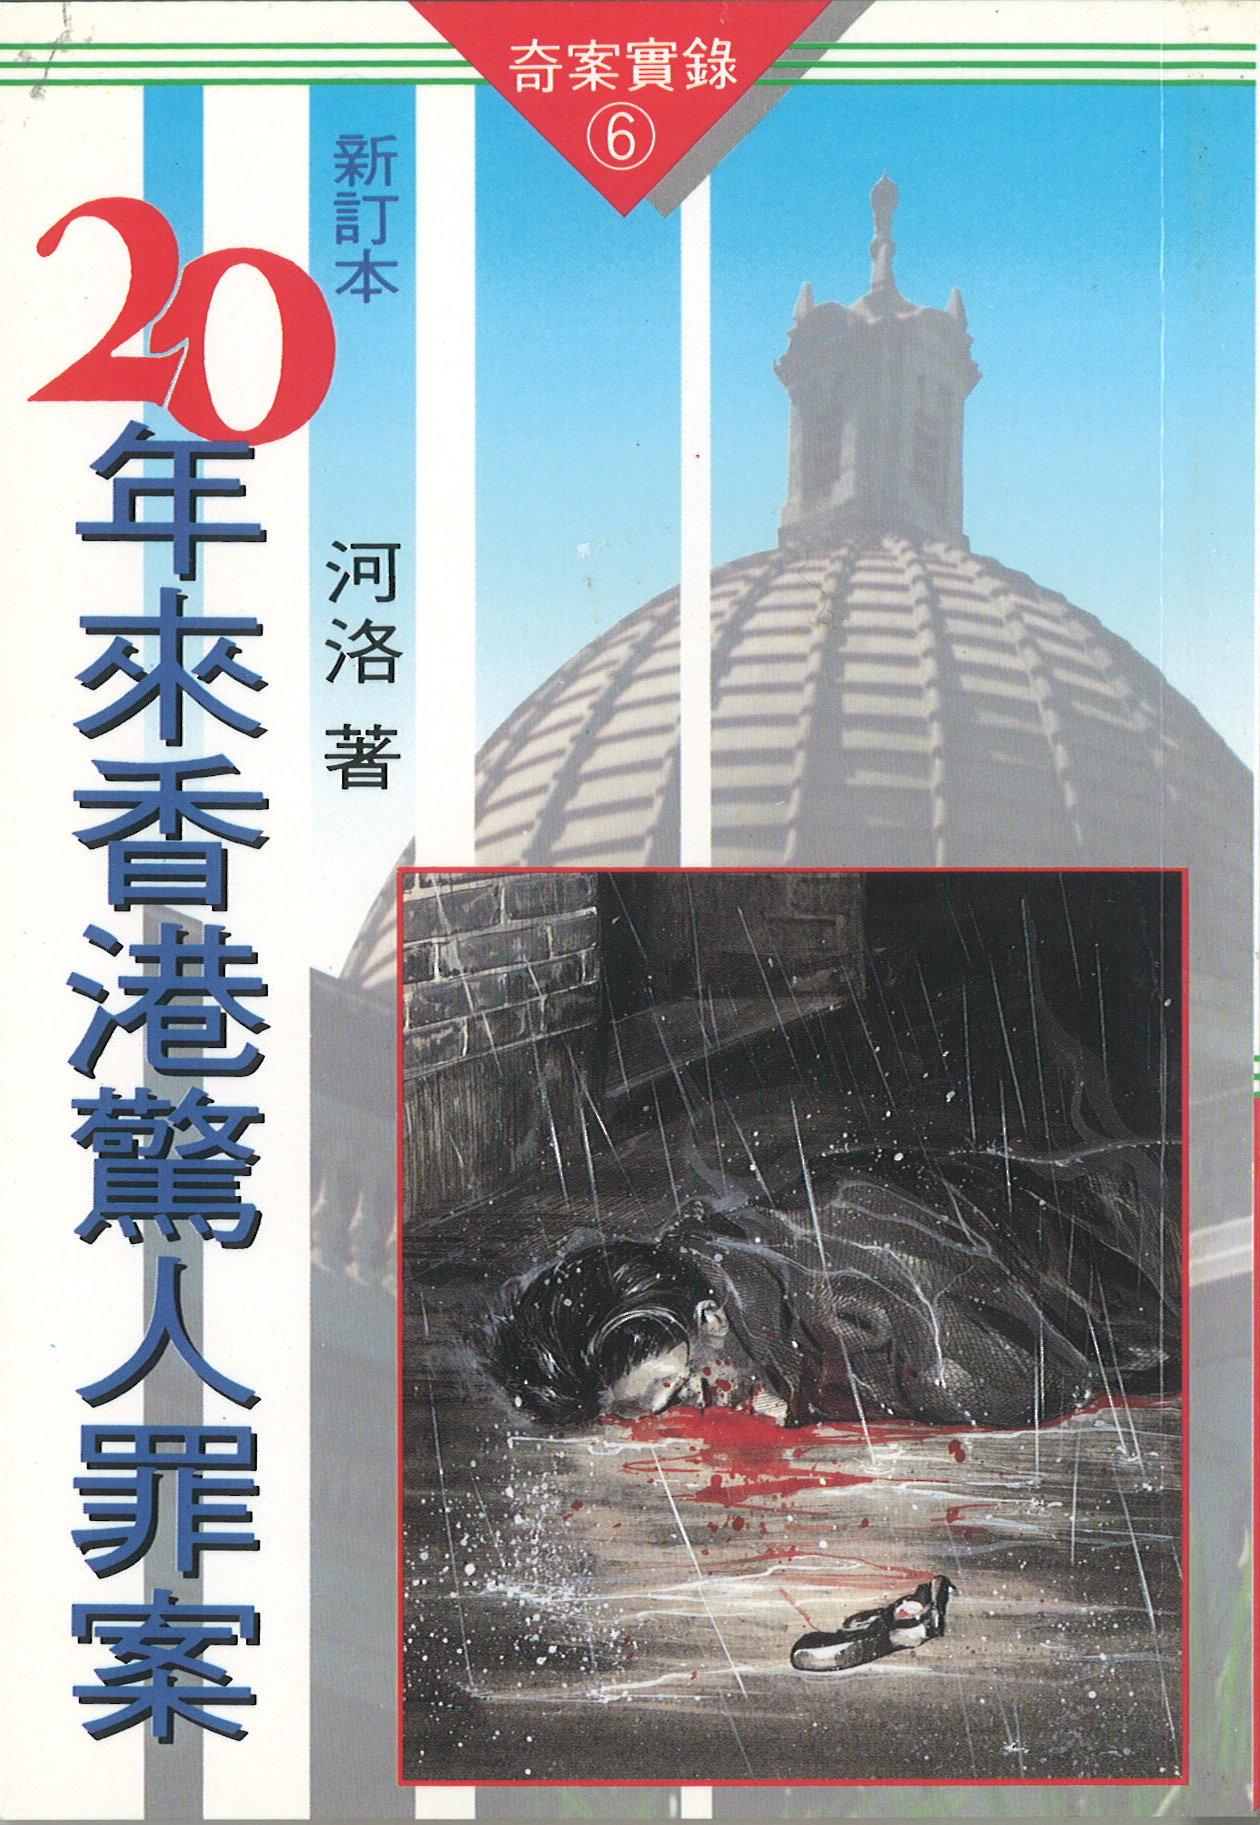 20年來香港驚人罪案 (6)